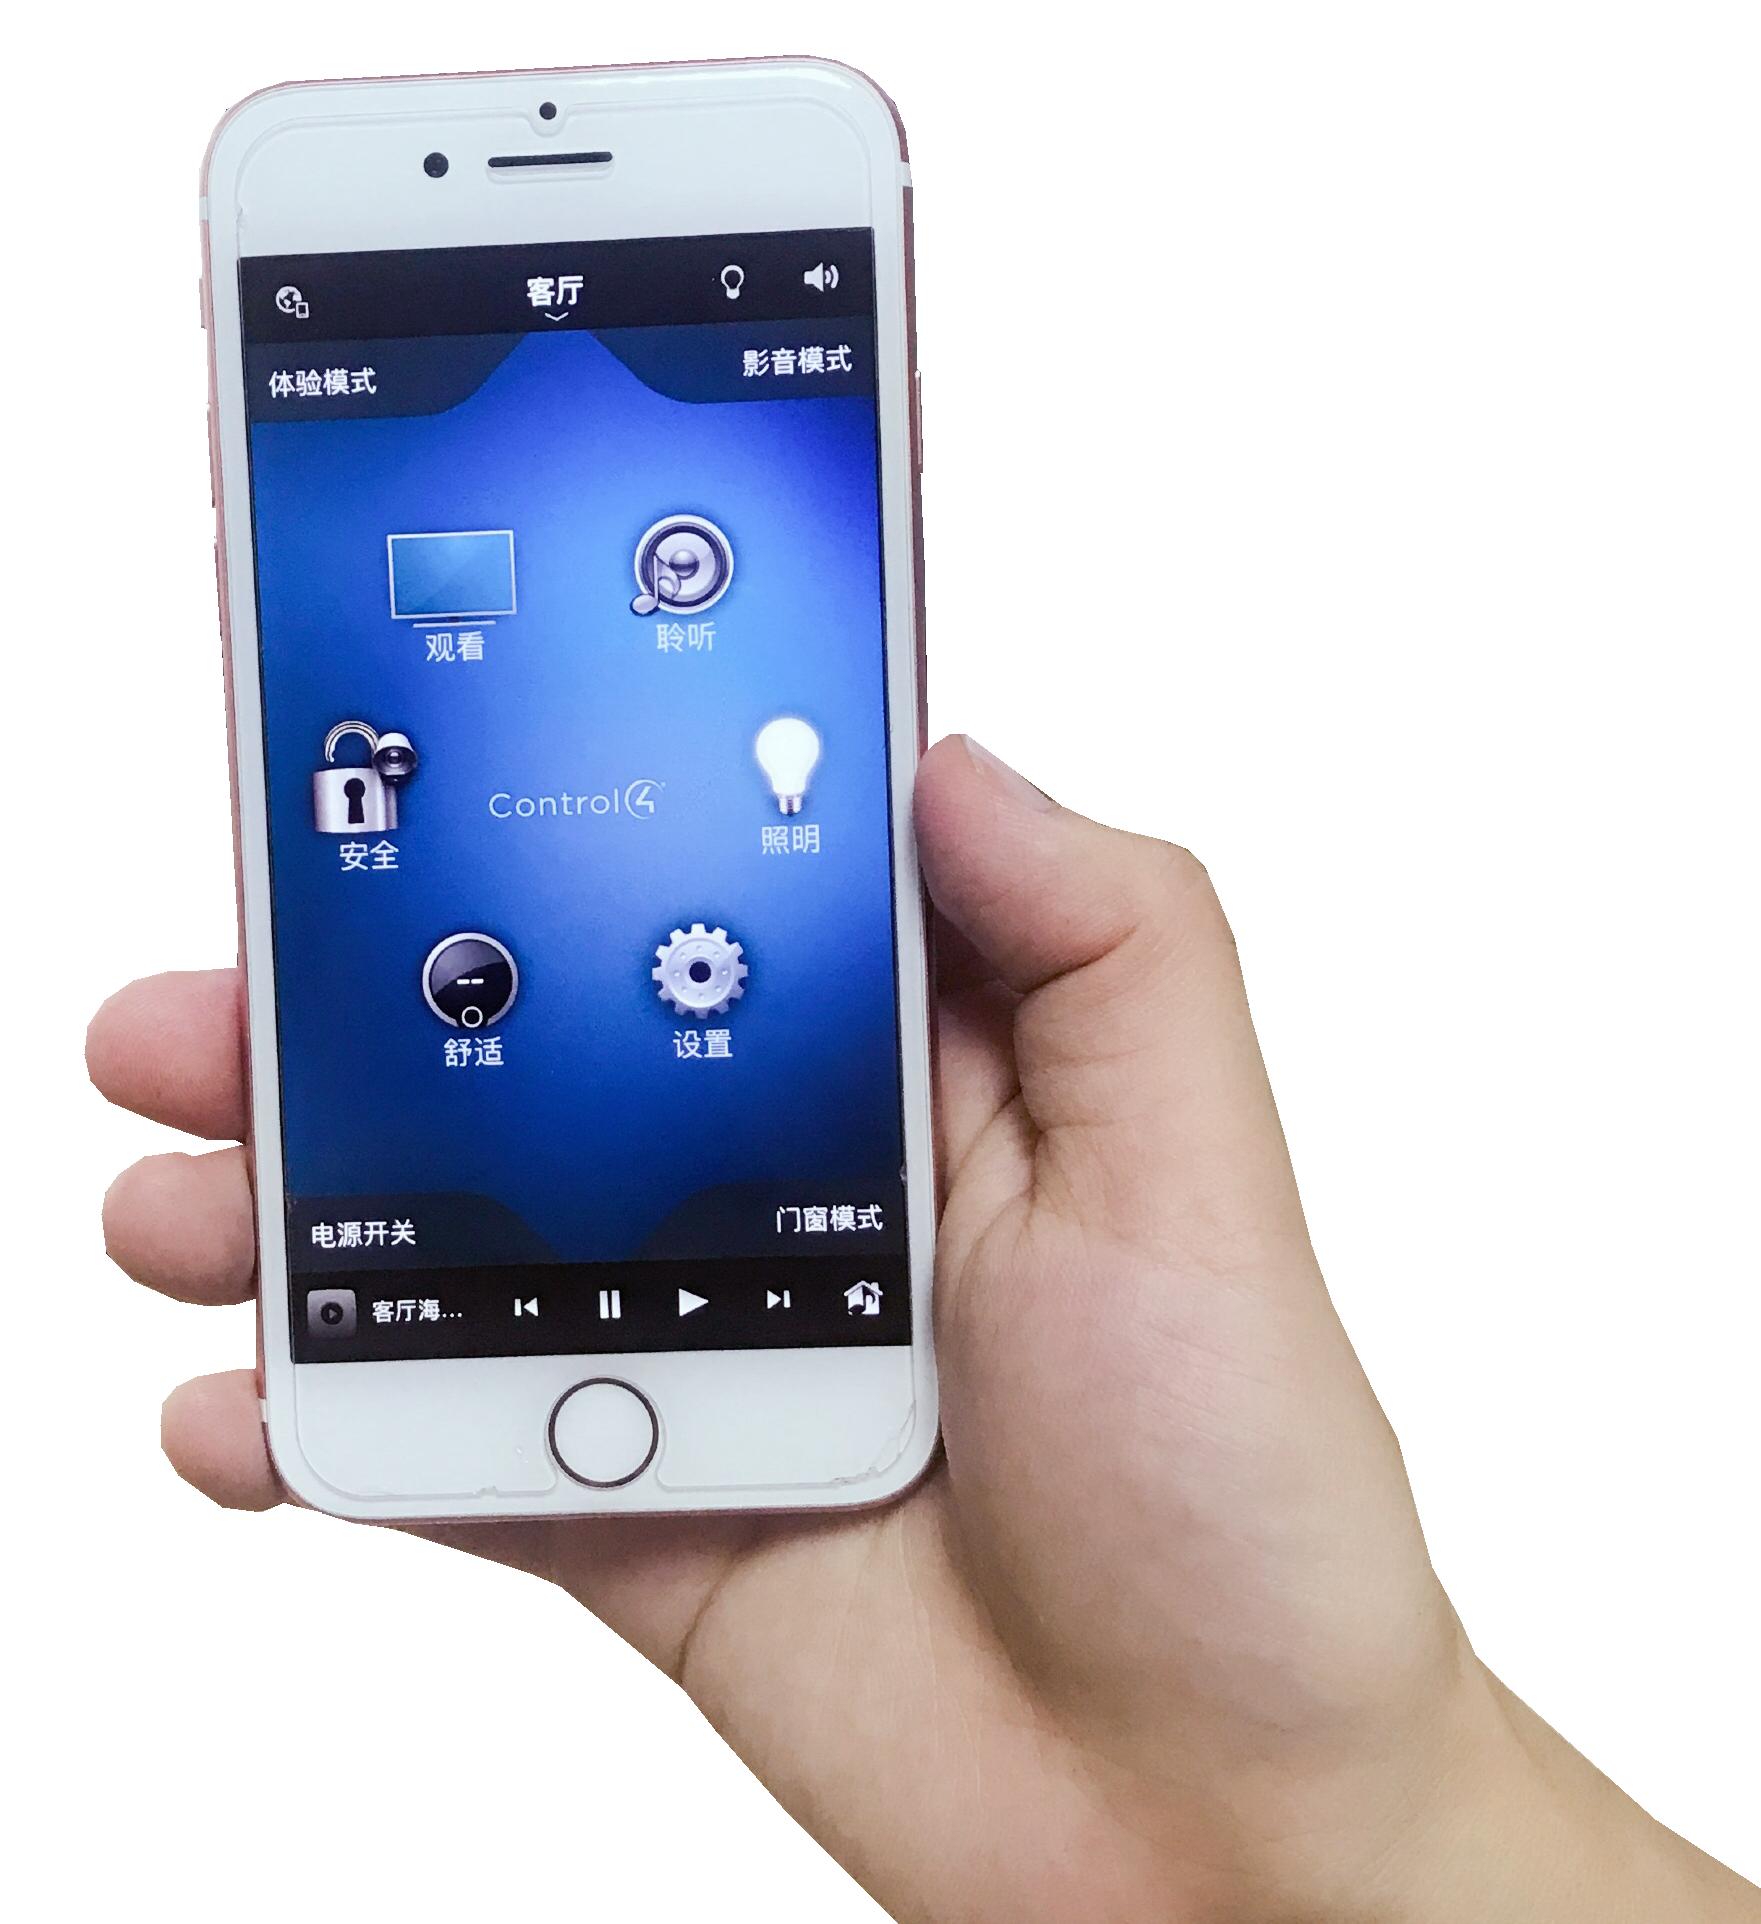 C4手机底图4G